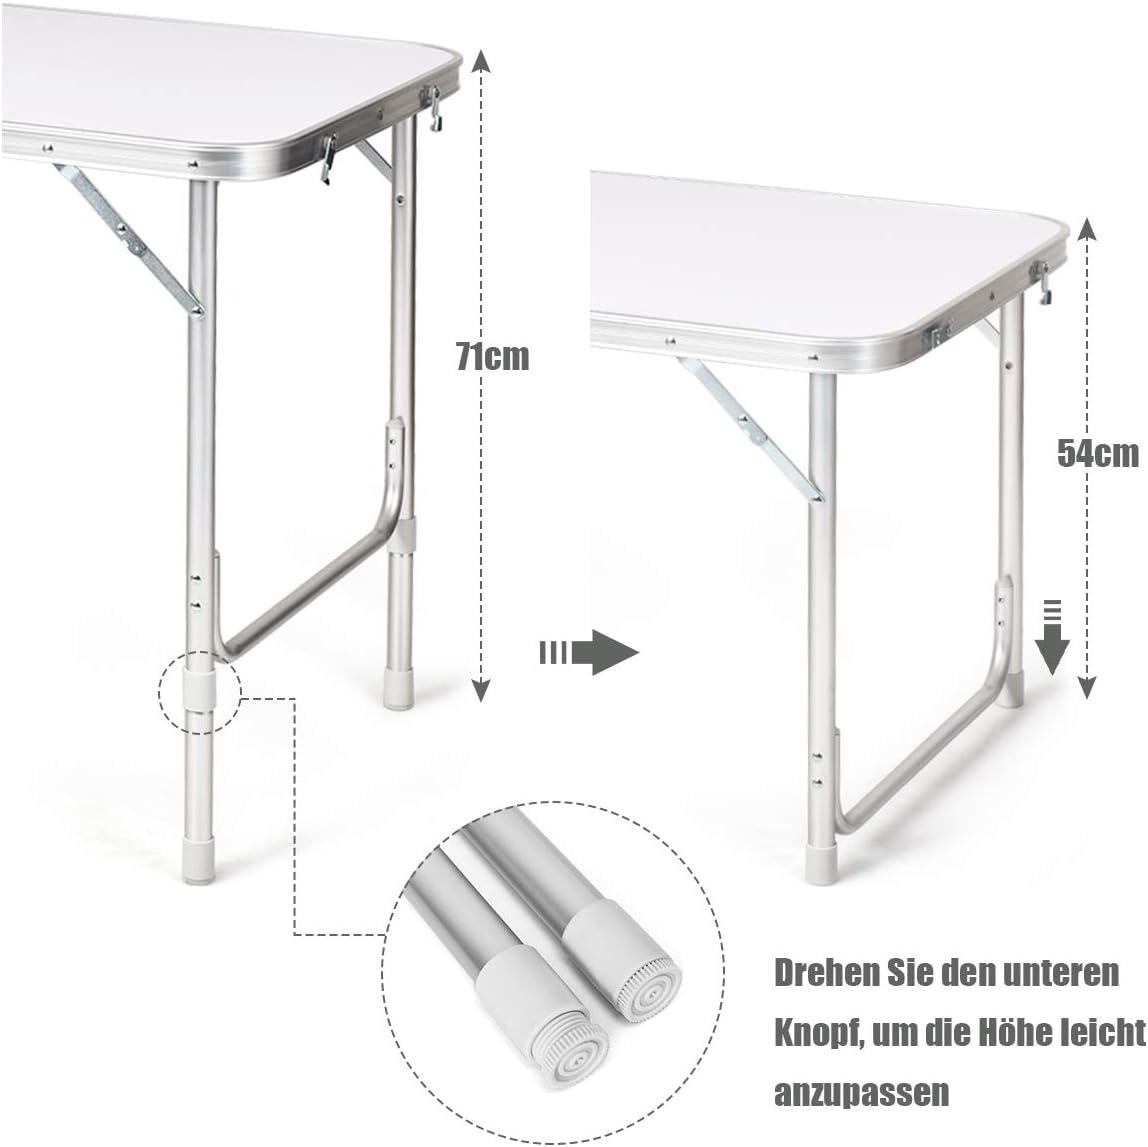 Gartentisch Picknicktisch Campingschrank Reisek/üche Klapptisch Alu H/öhenverstellbar von 53-70cm COSTWAY Campingk/üche mit gro/ßem Stauraum